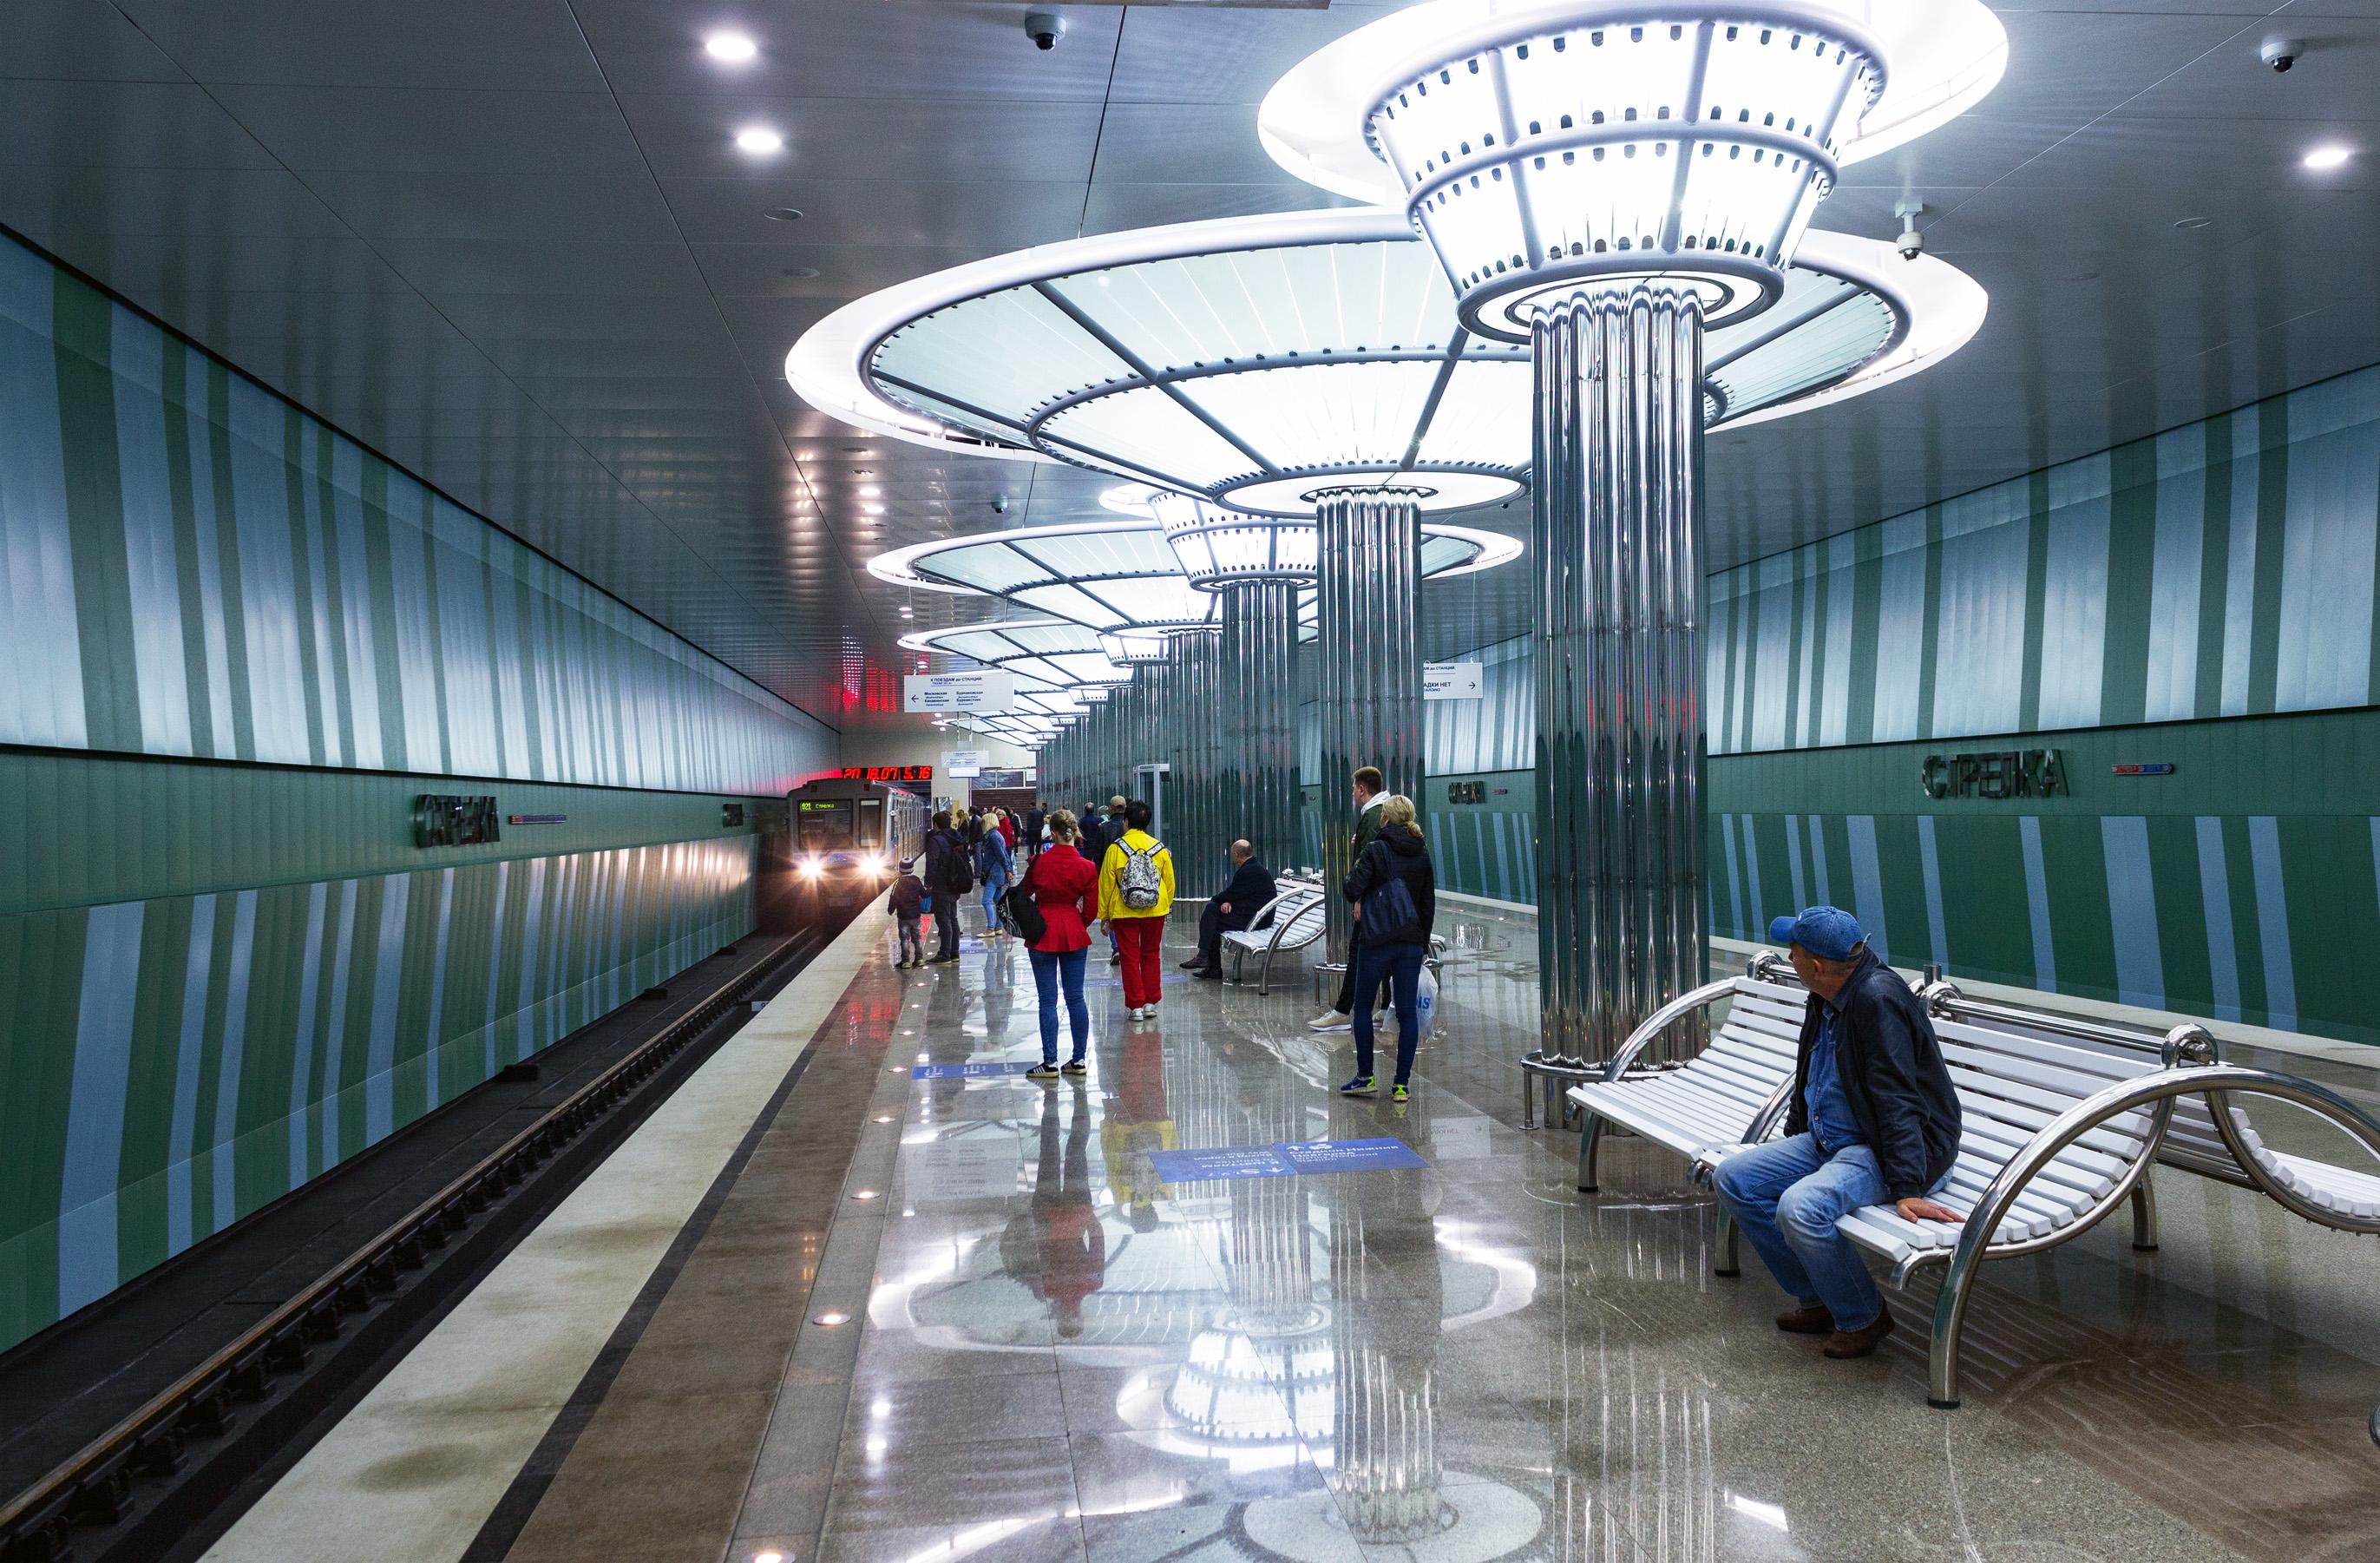 результате новгородское метро фото делать при